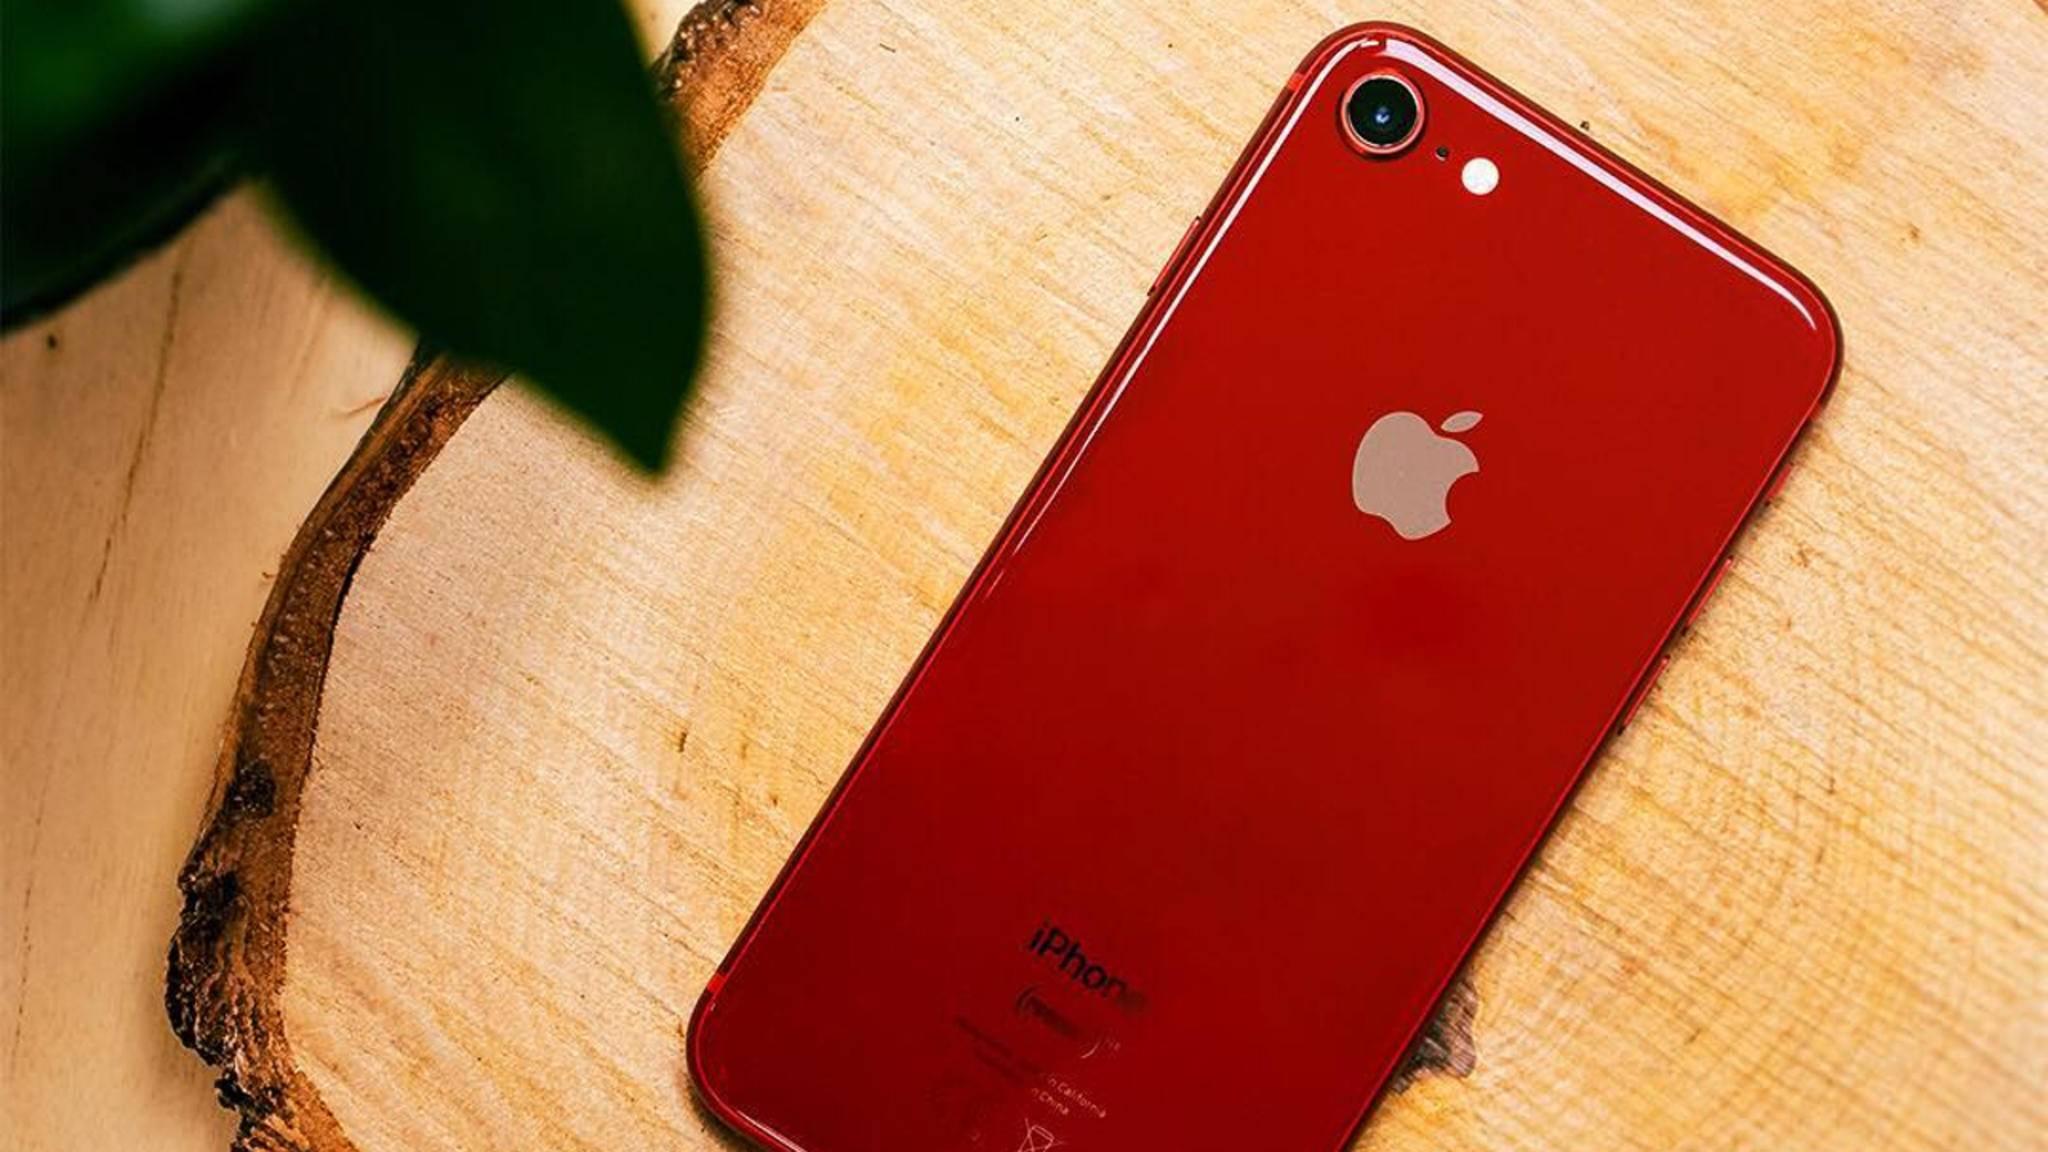 Das iPhone 8 in Rot erschien im April 2018.